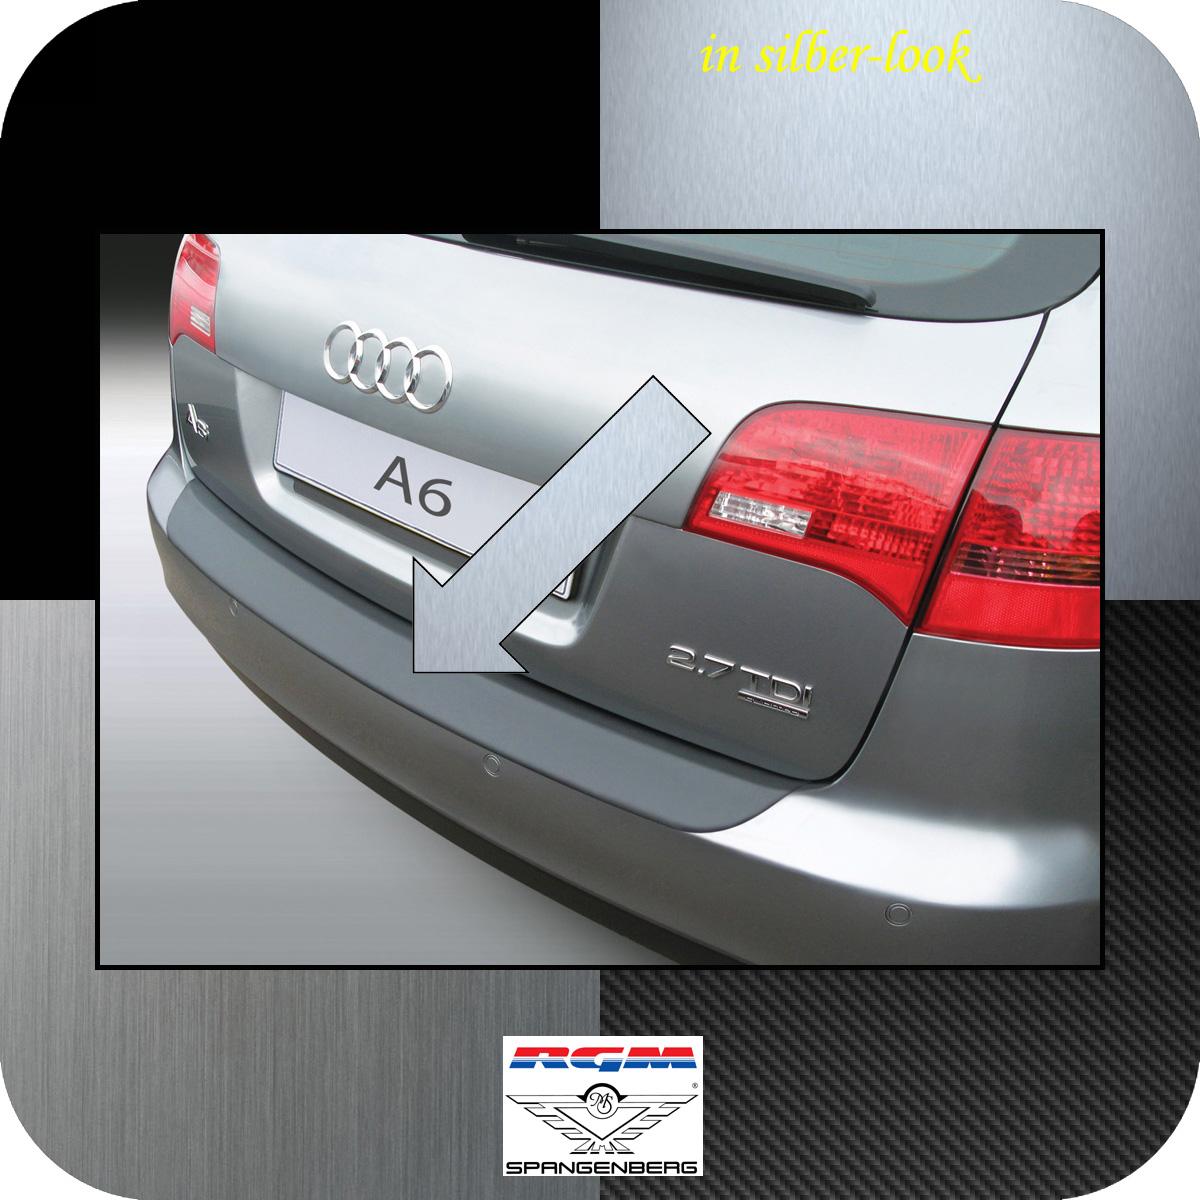 Ladekantenschutz Silber-Look Audi A6 C6 Avant auch Allroad Kombi 2005-11 3506341